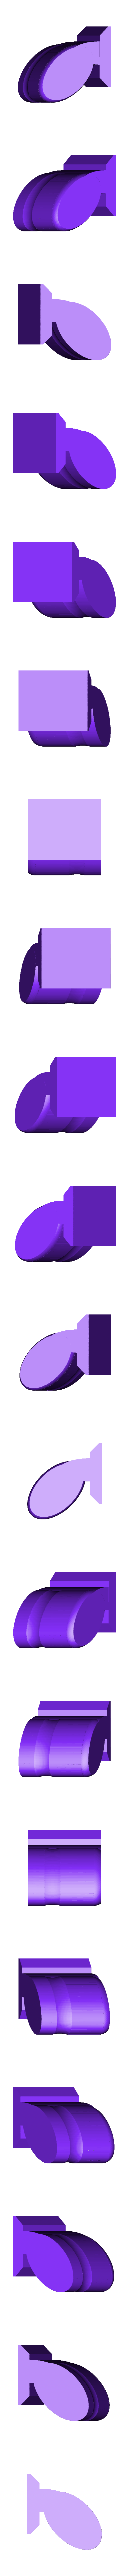 broom_hanger_lever.stl Télécharger fichier STL gratuit cintre à balais • Design pour impression 3D, Punisher_4u